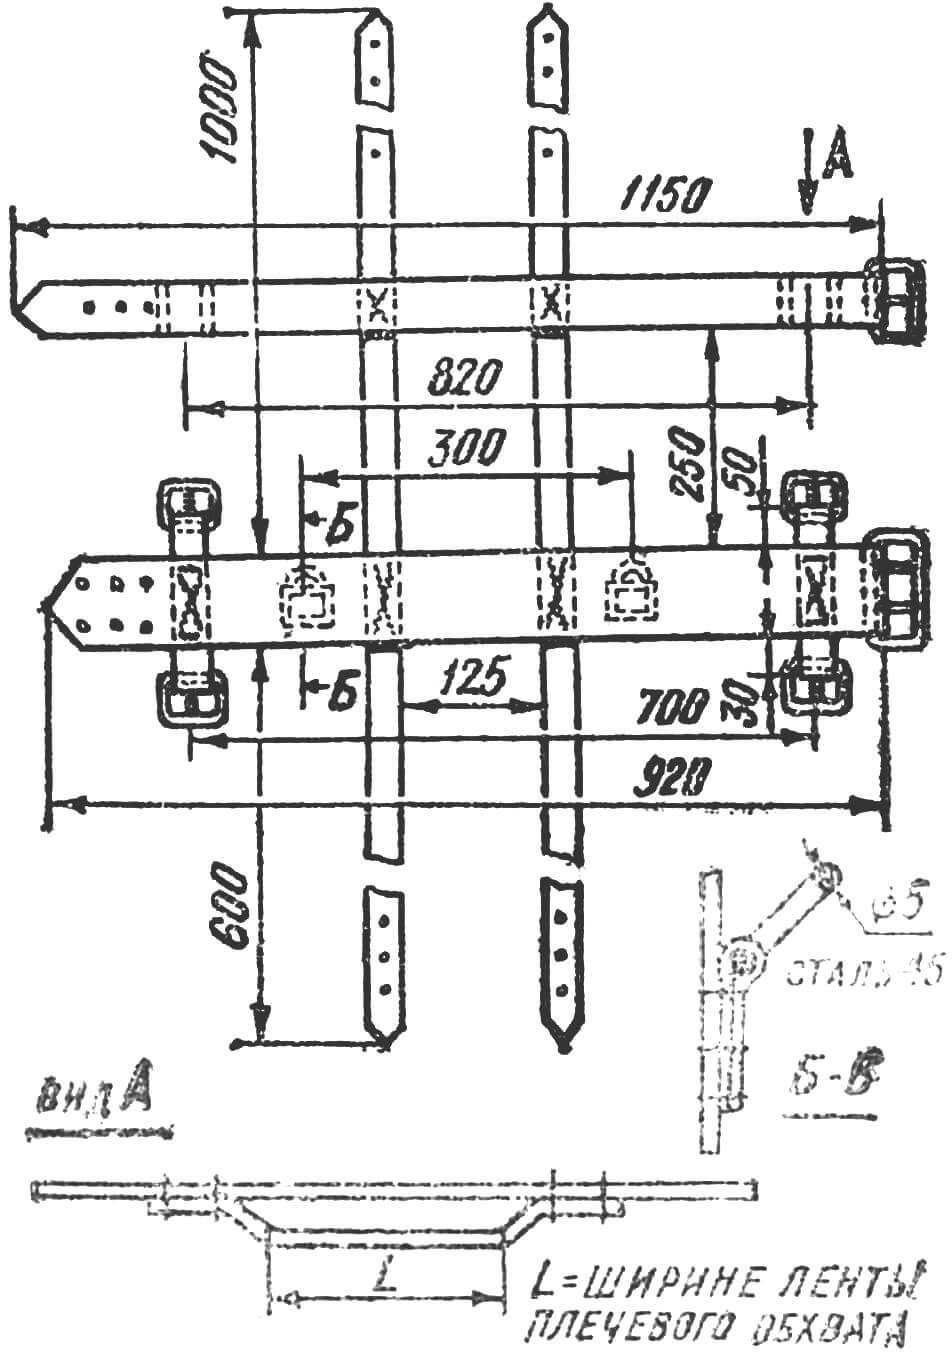 Рис. 3. Общий вид и детали самодельной подвесной системы, допускающей как вертикальное, так и горизонтальное положение пилота при росте 176 см и весе 70—80 кг.